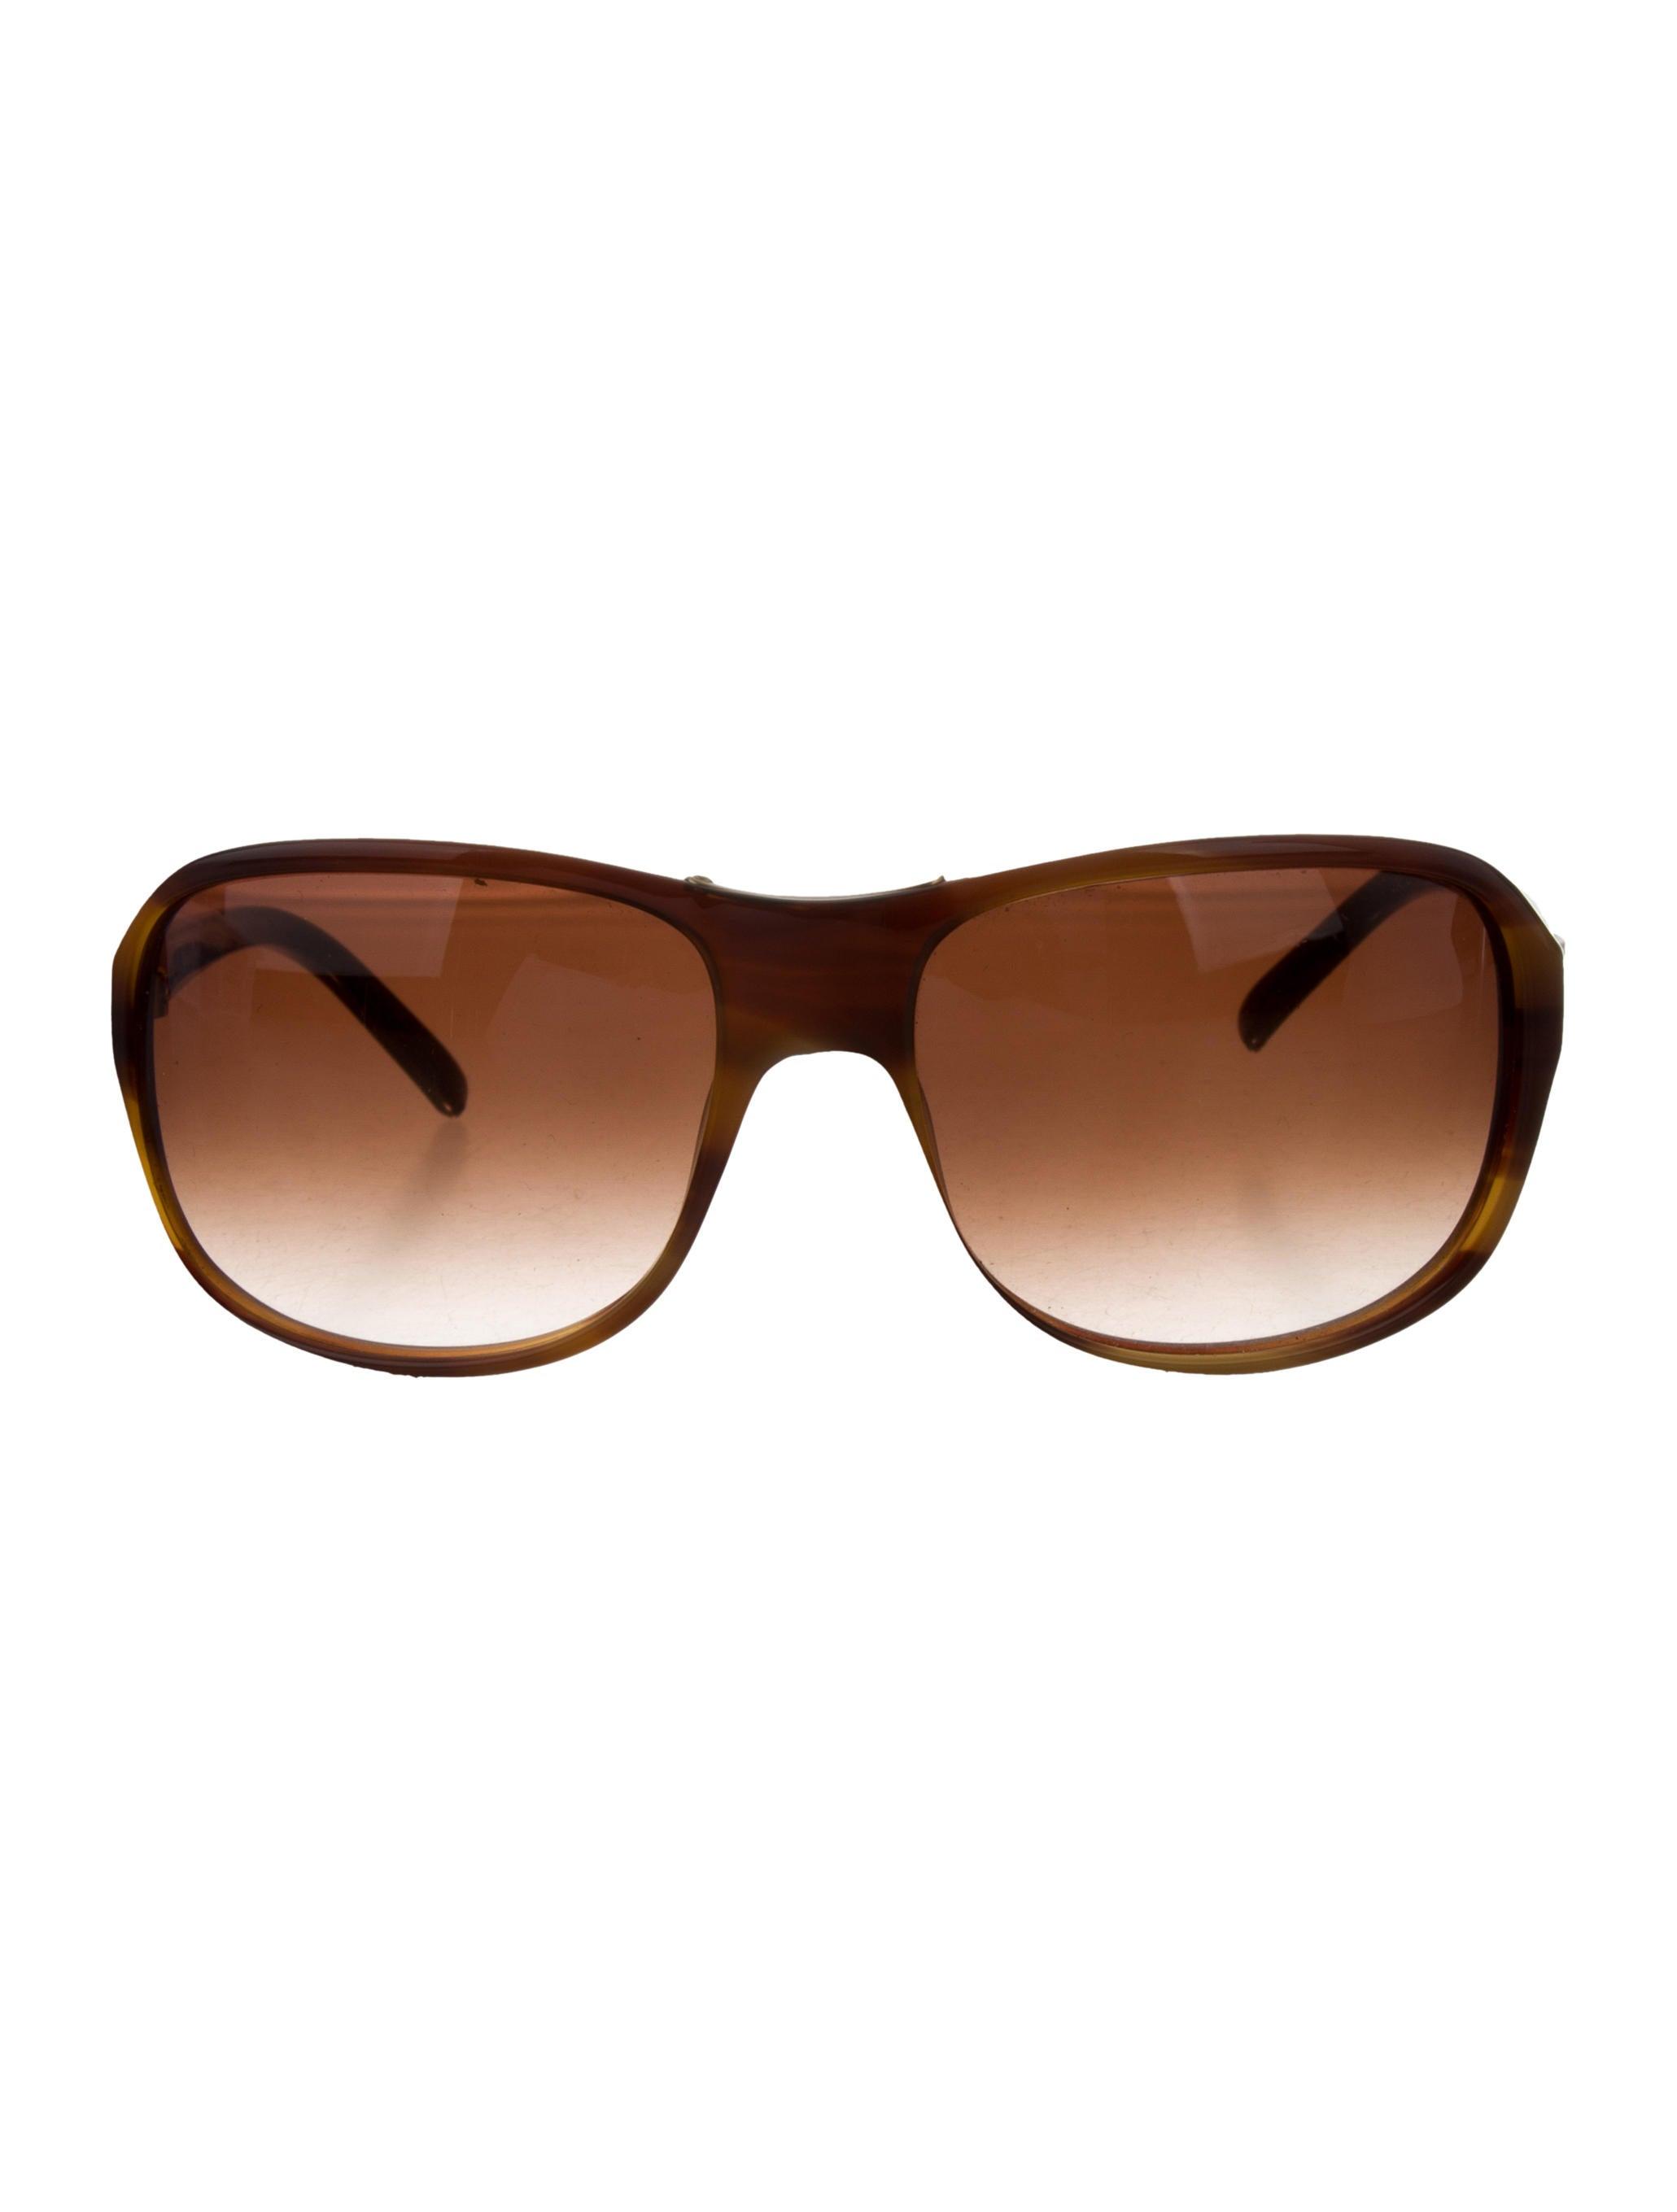 0229a243f0 Chloé Semi-Round Acetate Sunglasses - Accessories - CHL62731